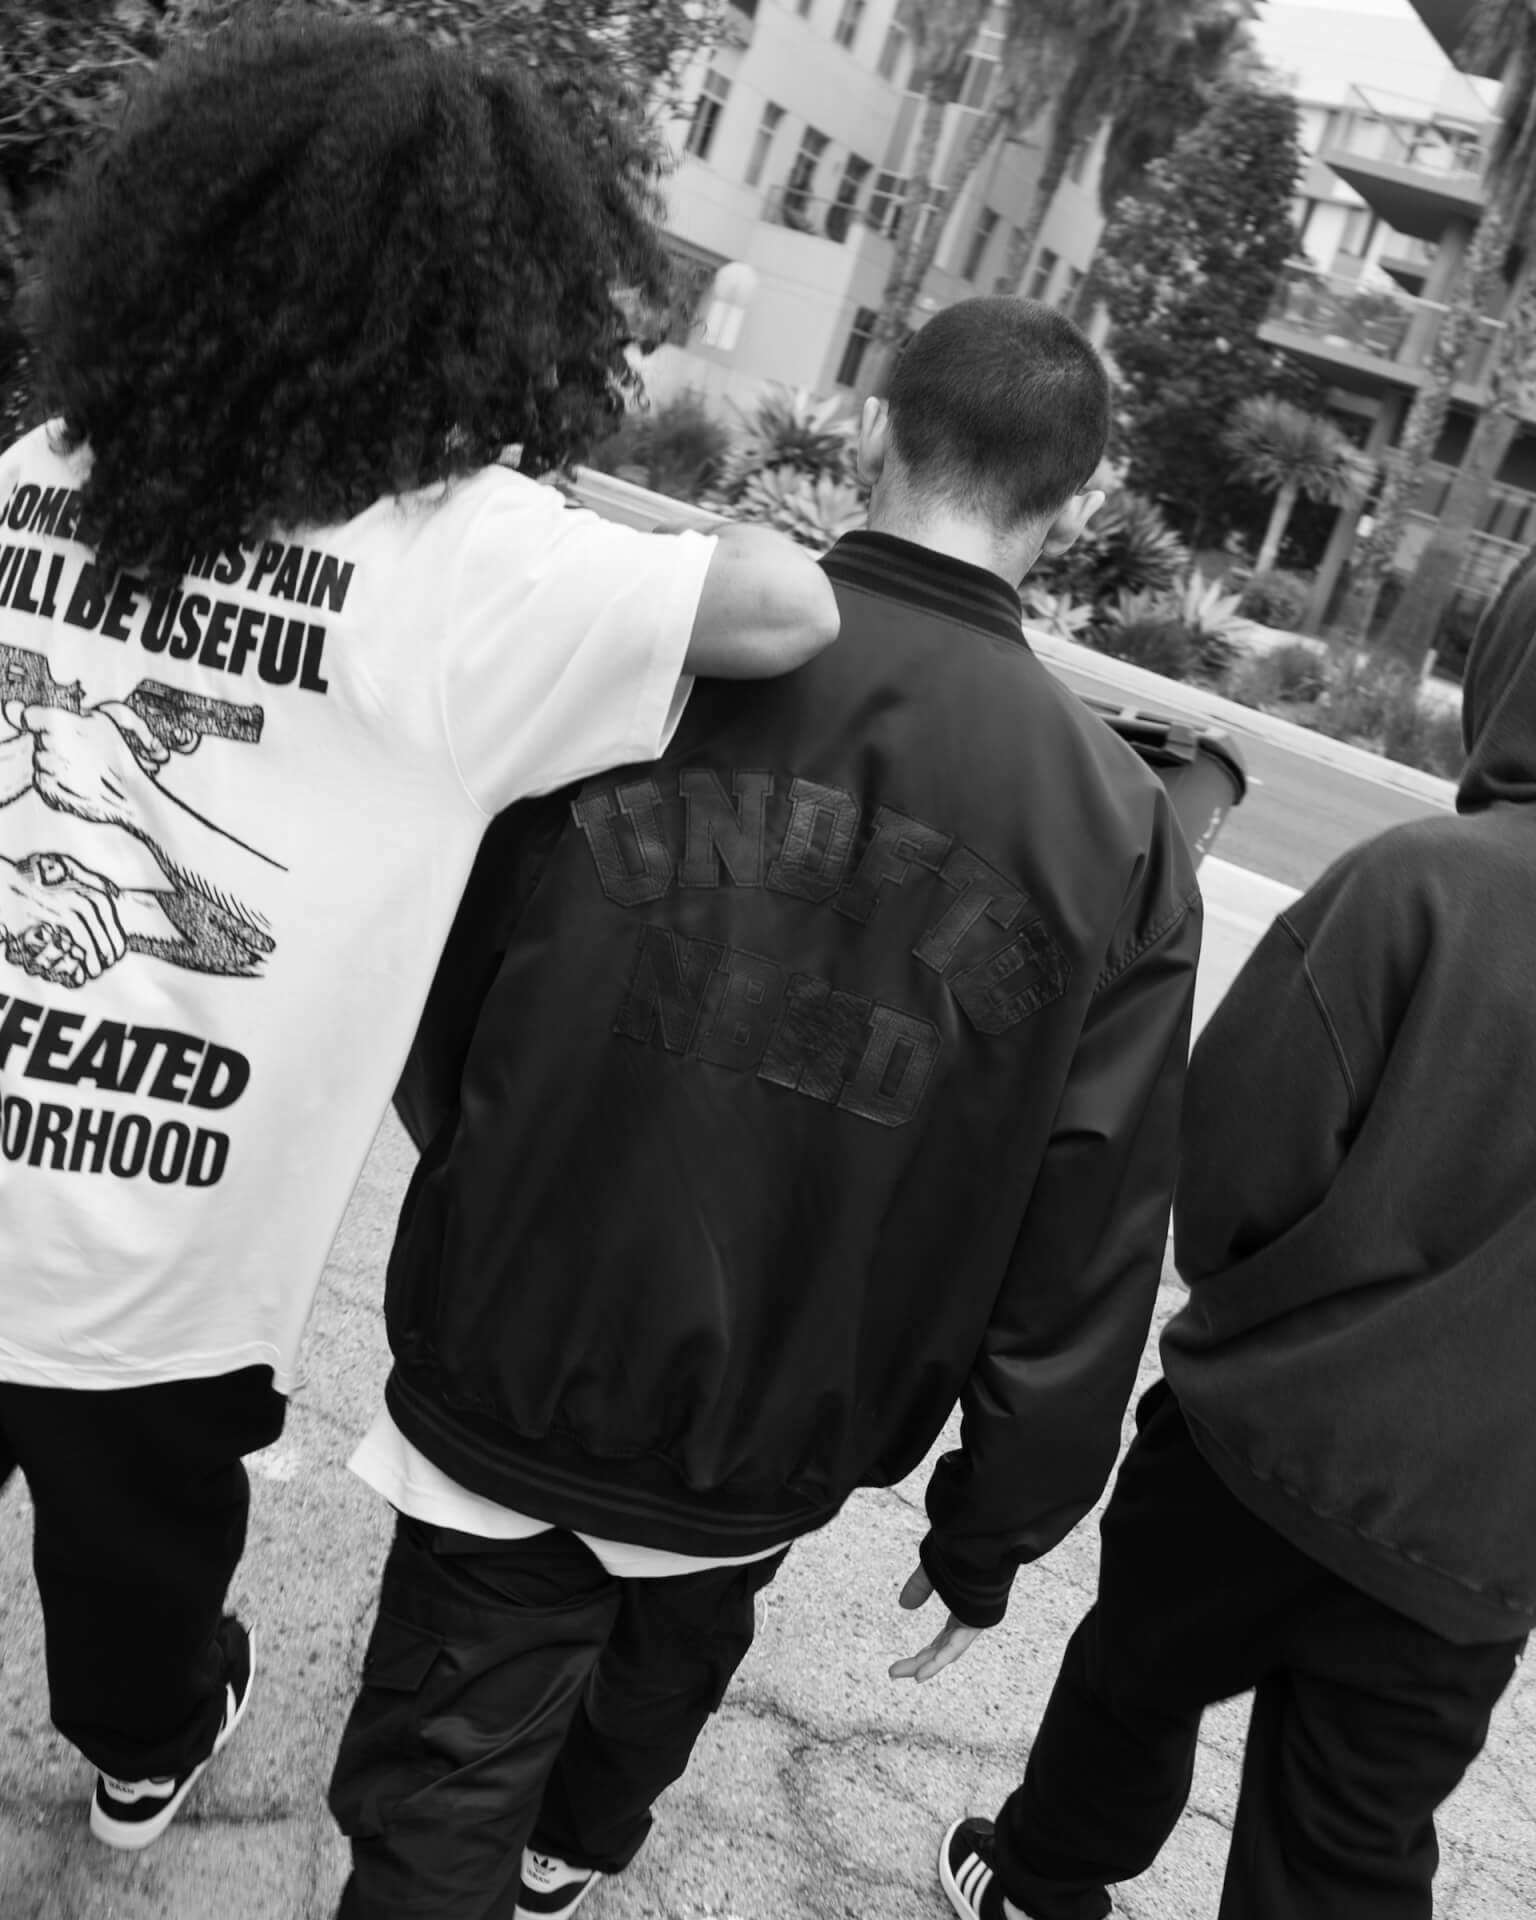 NEIGHBORHOODとUNDEFEATEDのコラボコレクションが今週リリース!社会問題をテーマにしたストリートウェアがラインナップ life210216_neighborhood_undefeted_5